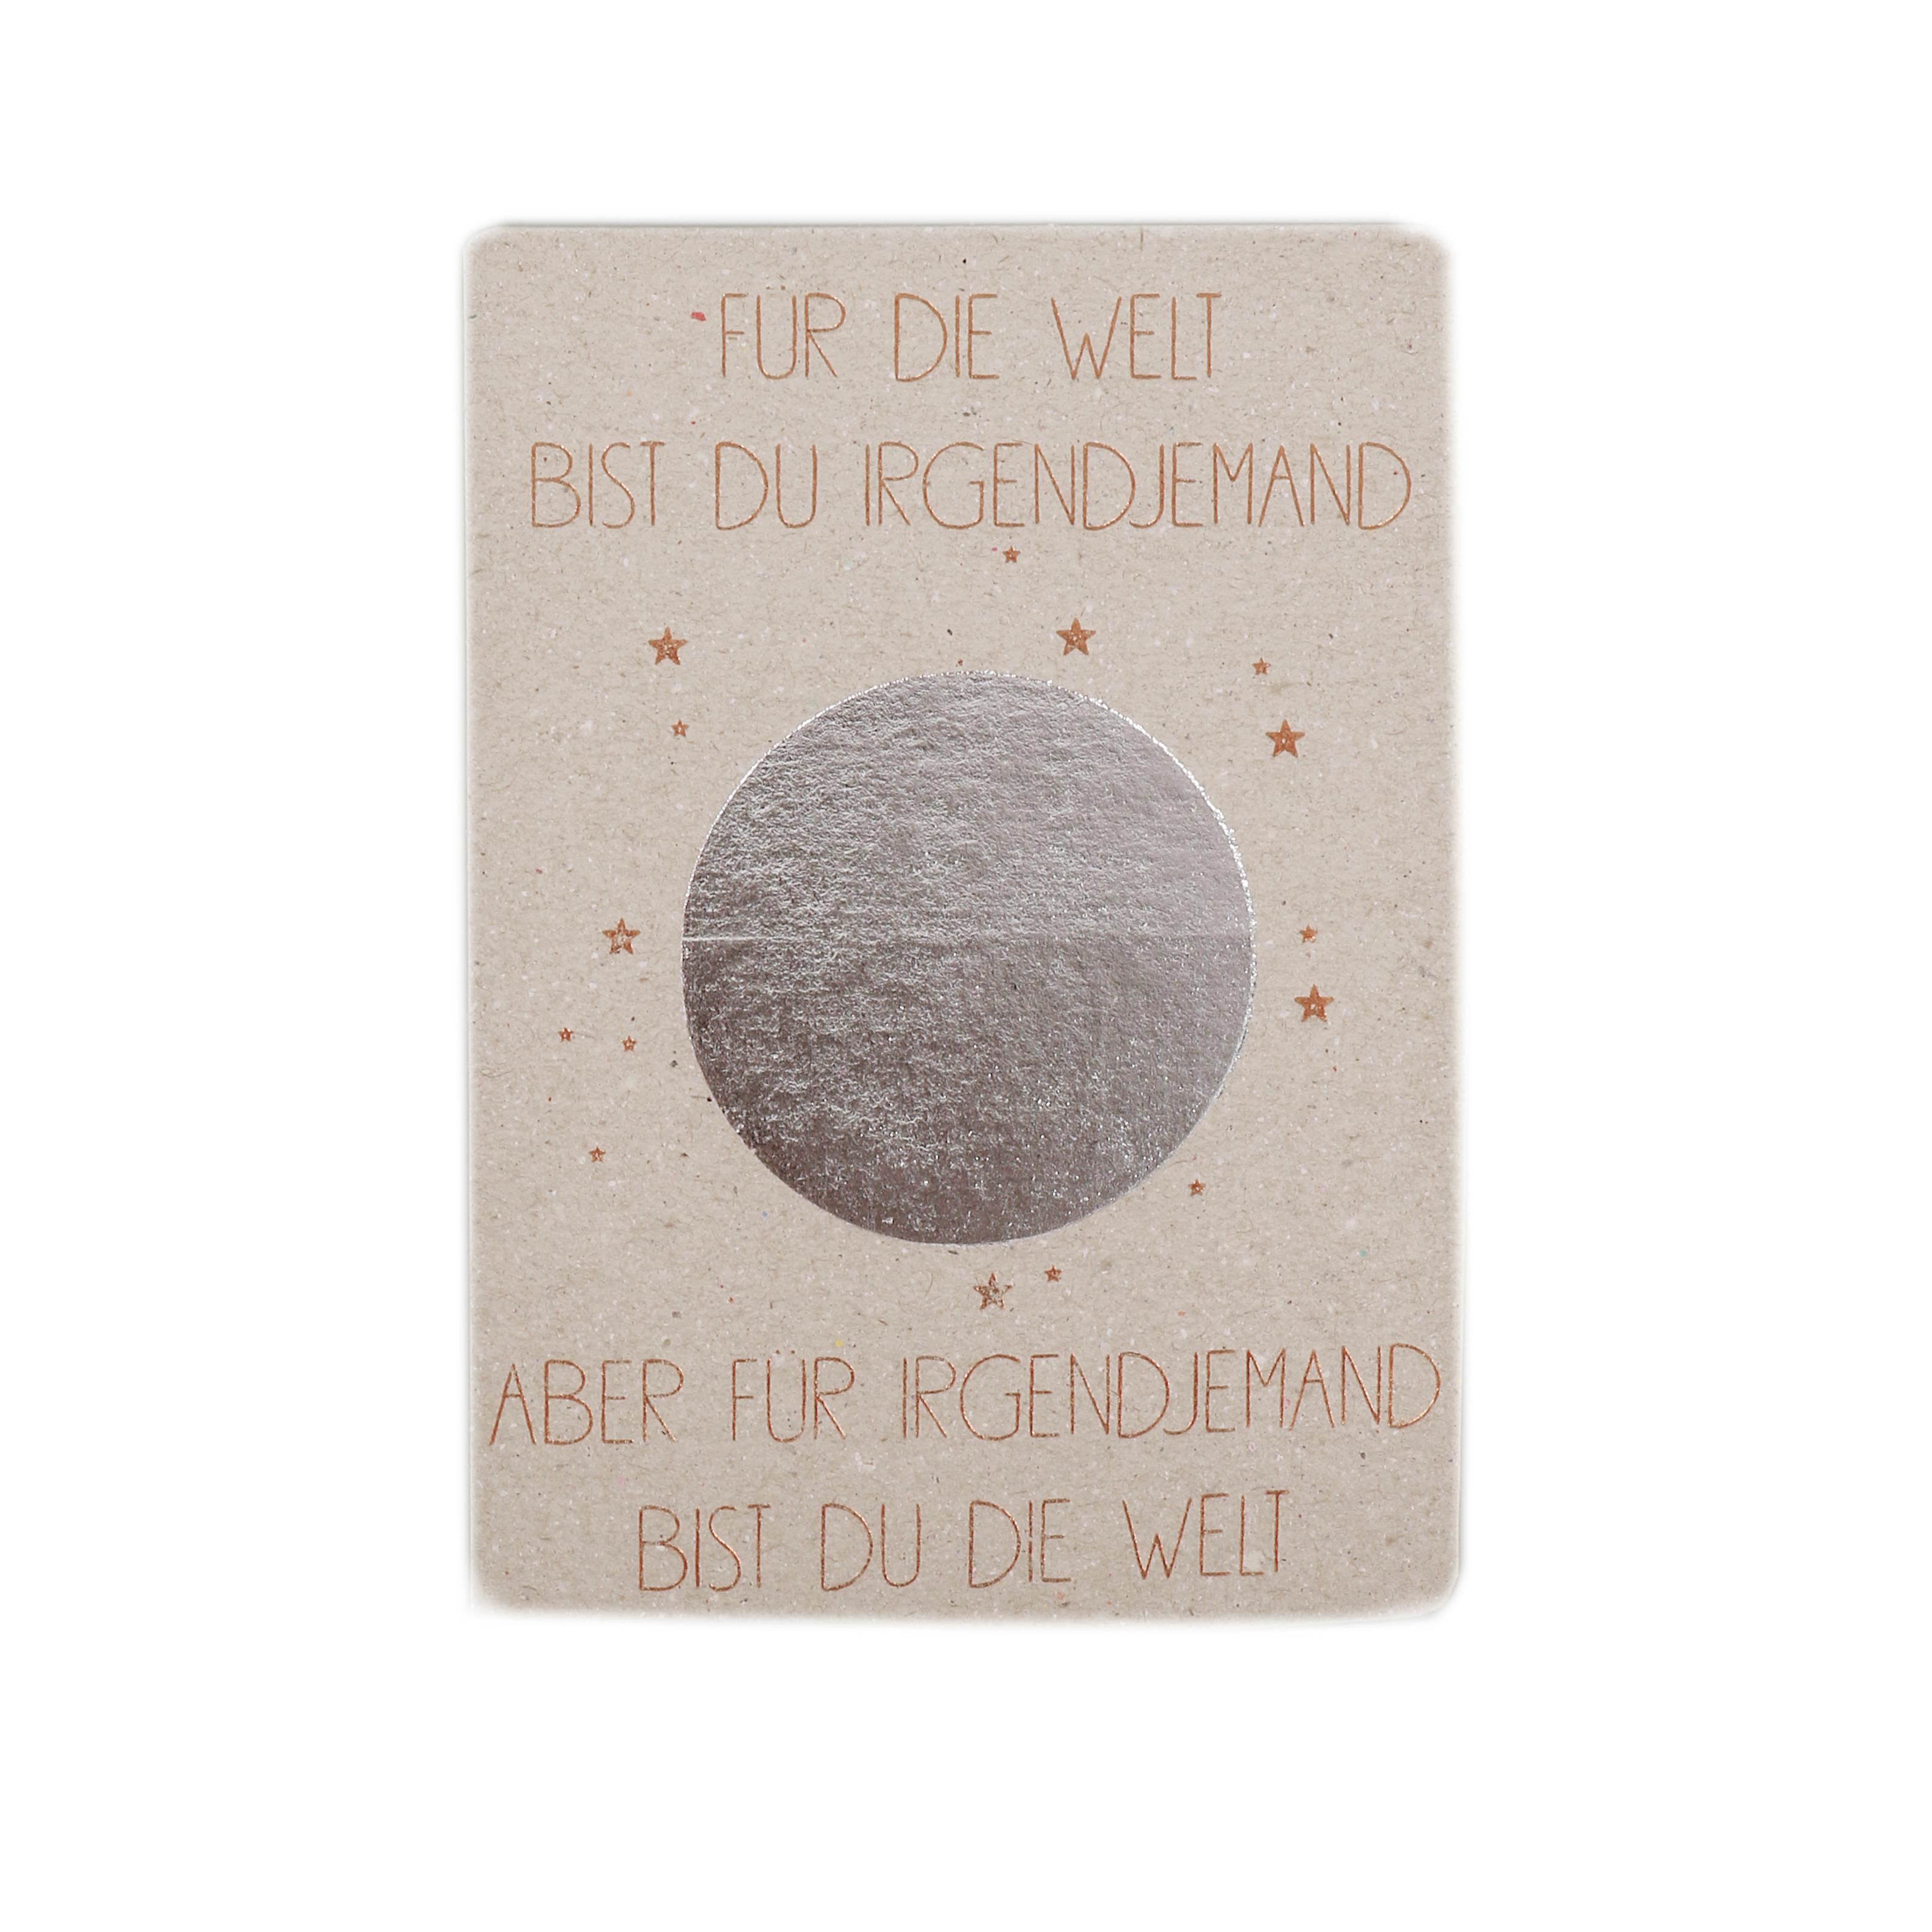 """Postkarte """"Für die Welt bist Du ..."""" - Good old friends"""